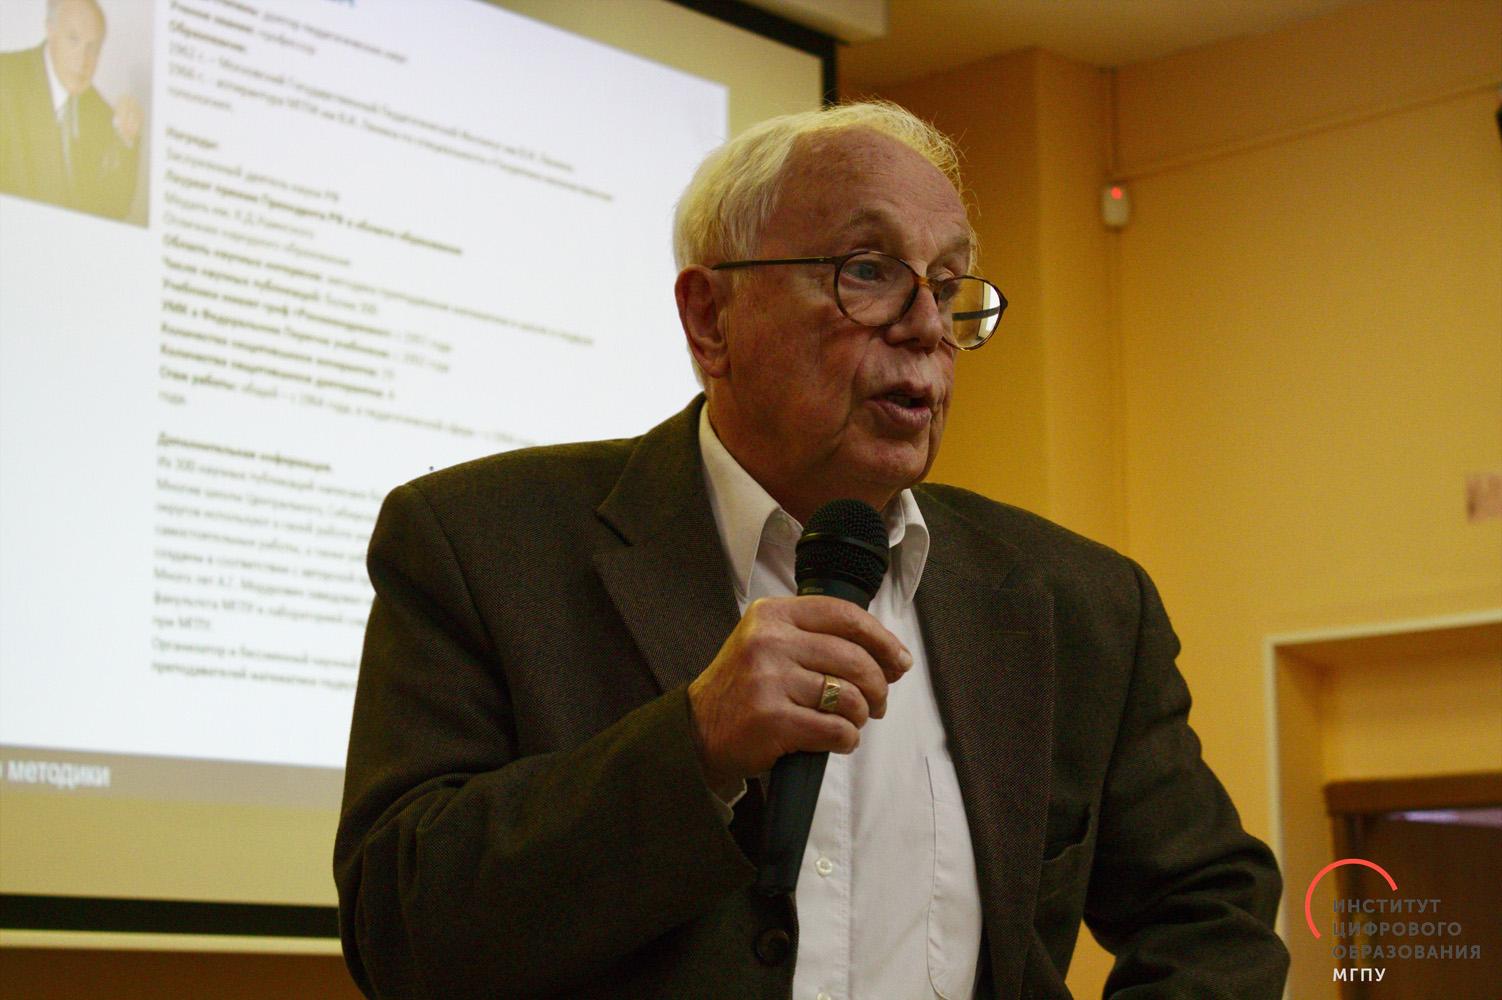 XXXIX семинар А.Г. Мордковича